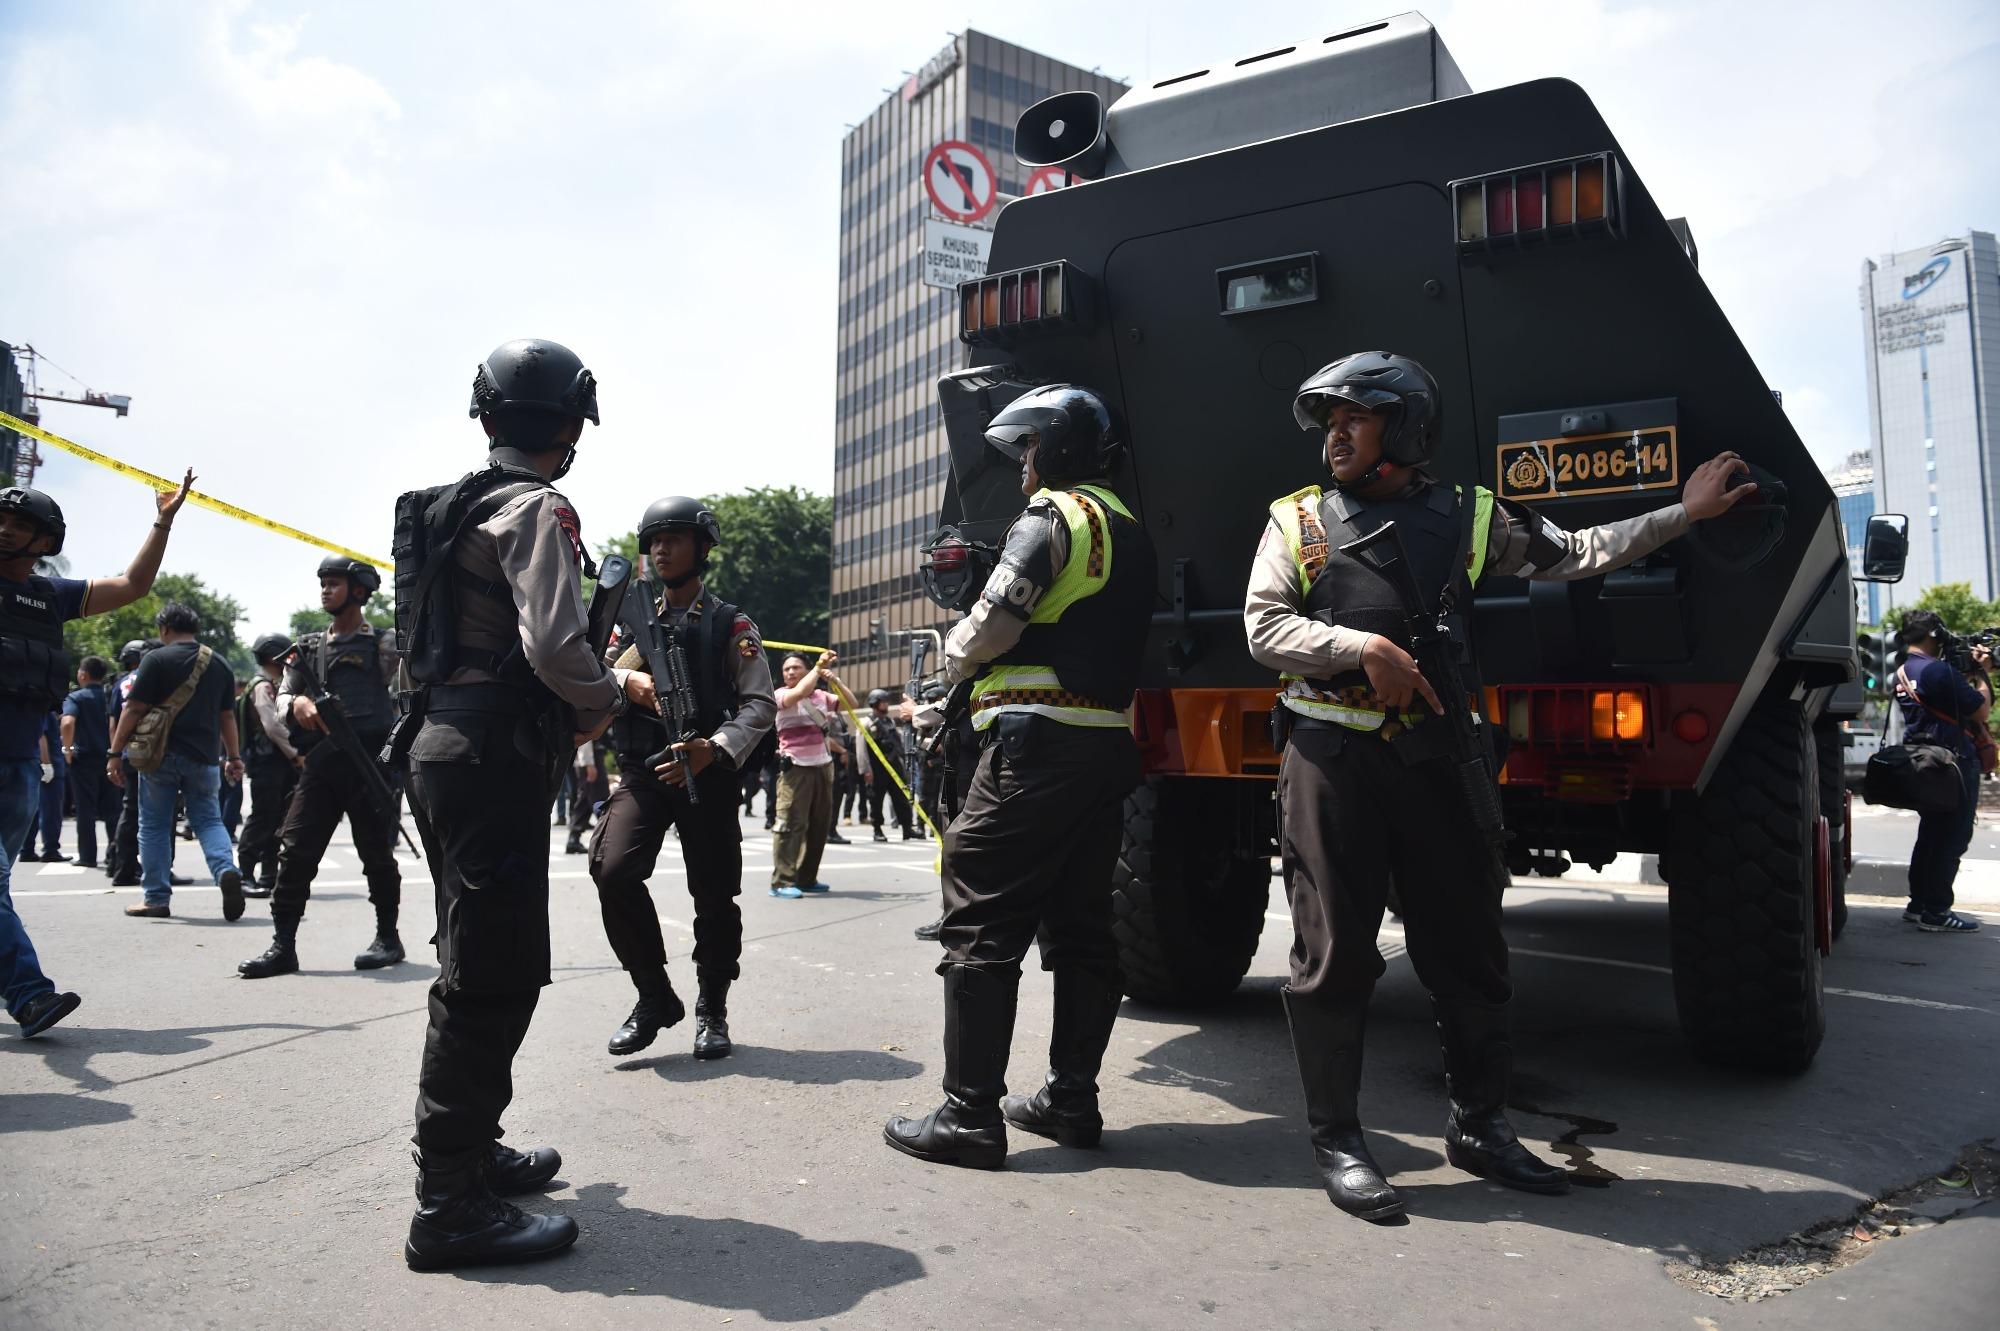 إصابة 4 بينهم قس ألماني في هجوم مسلح بـ«السيف» في كنيسة إندونيسية